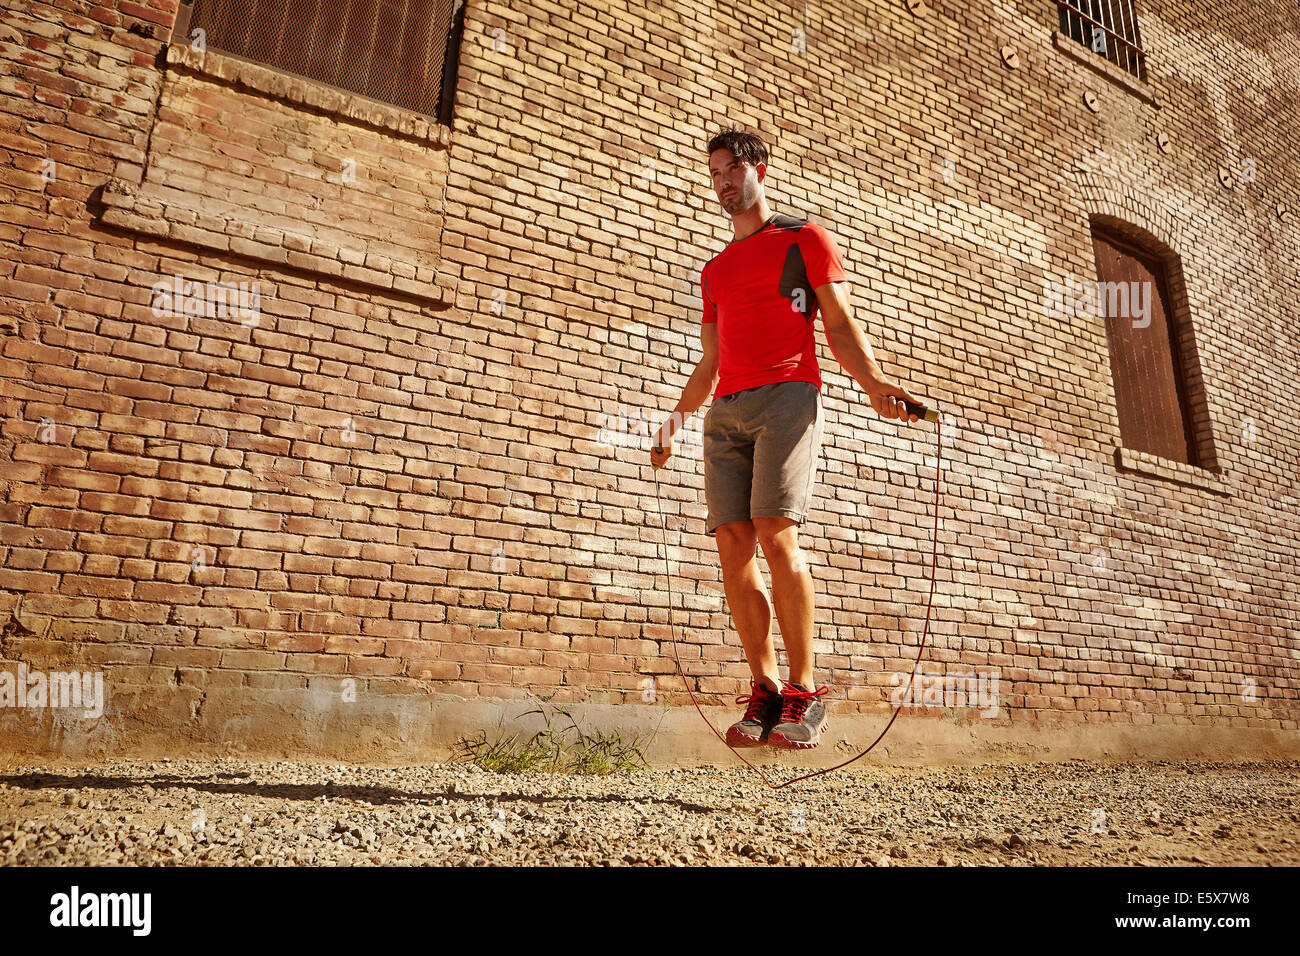 Joven ejerciendo con cuerda en terrenos baldíos Imagen De Stock